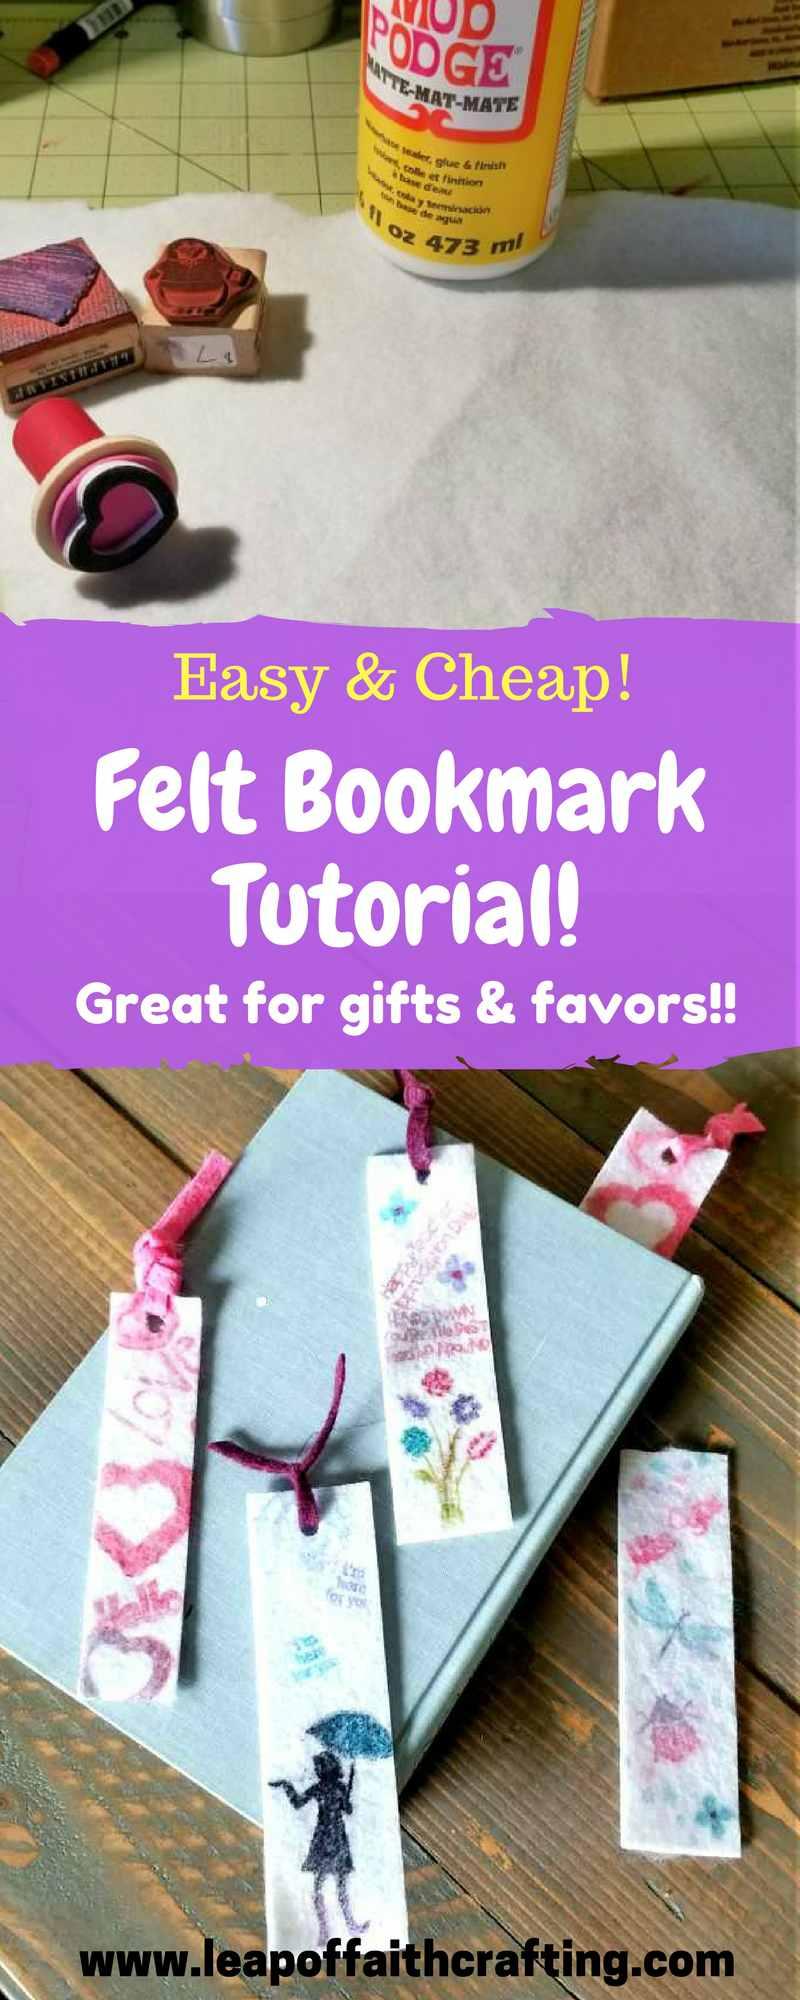 diy-bookmark